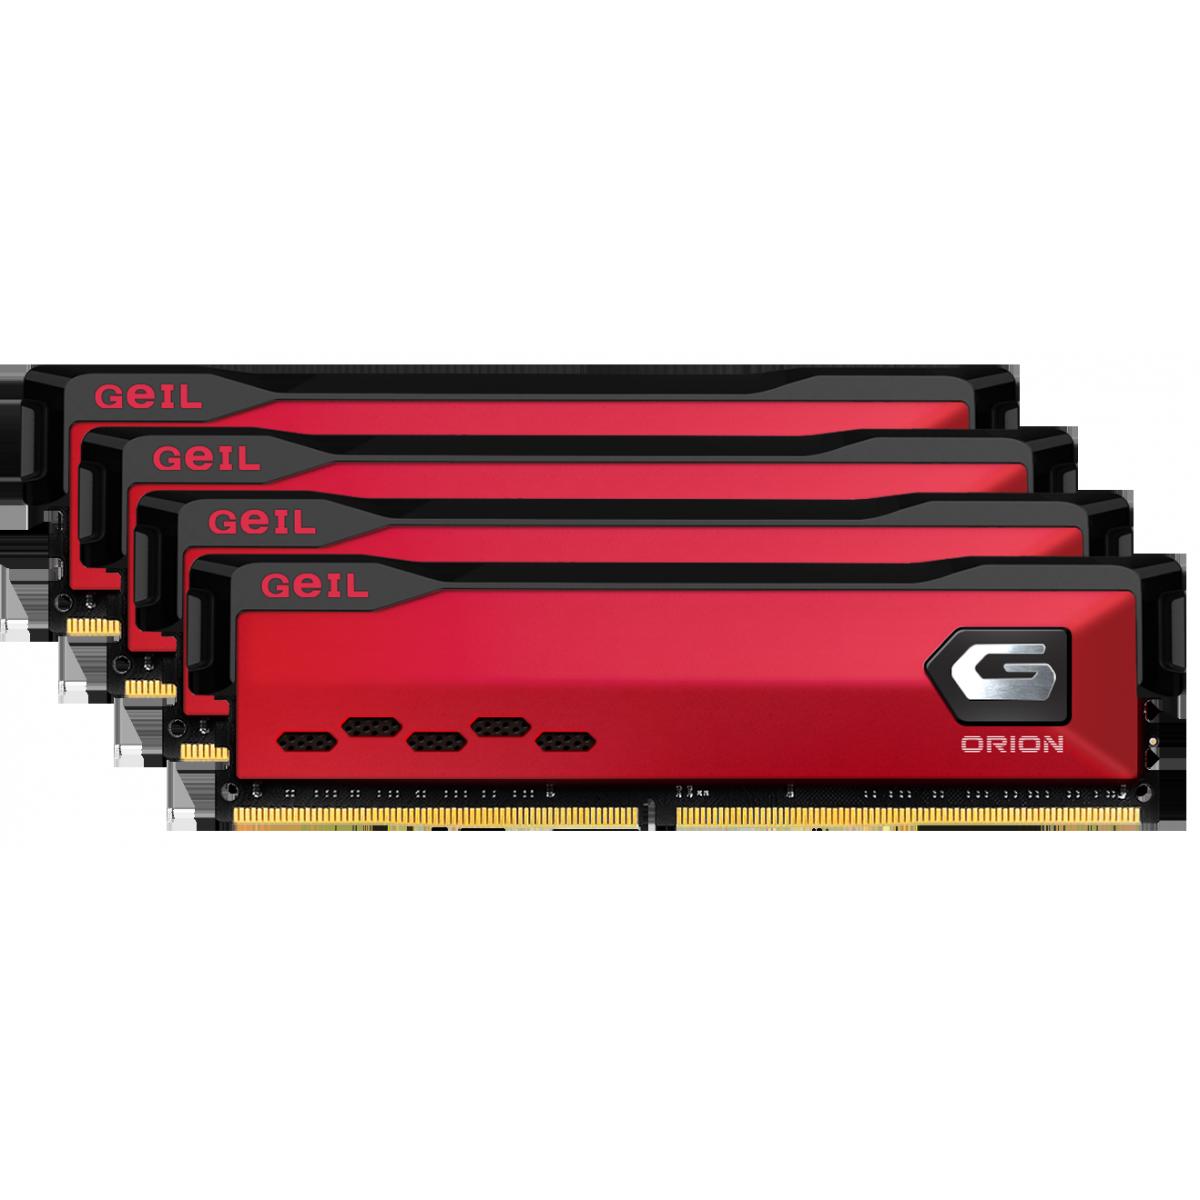 Memória DDR4 Geil Orion, 32GB (4x8GB) 3000MHz, Red, GAOR48GB3000C16ASC x 4